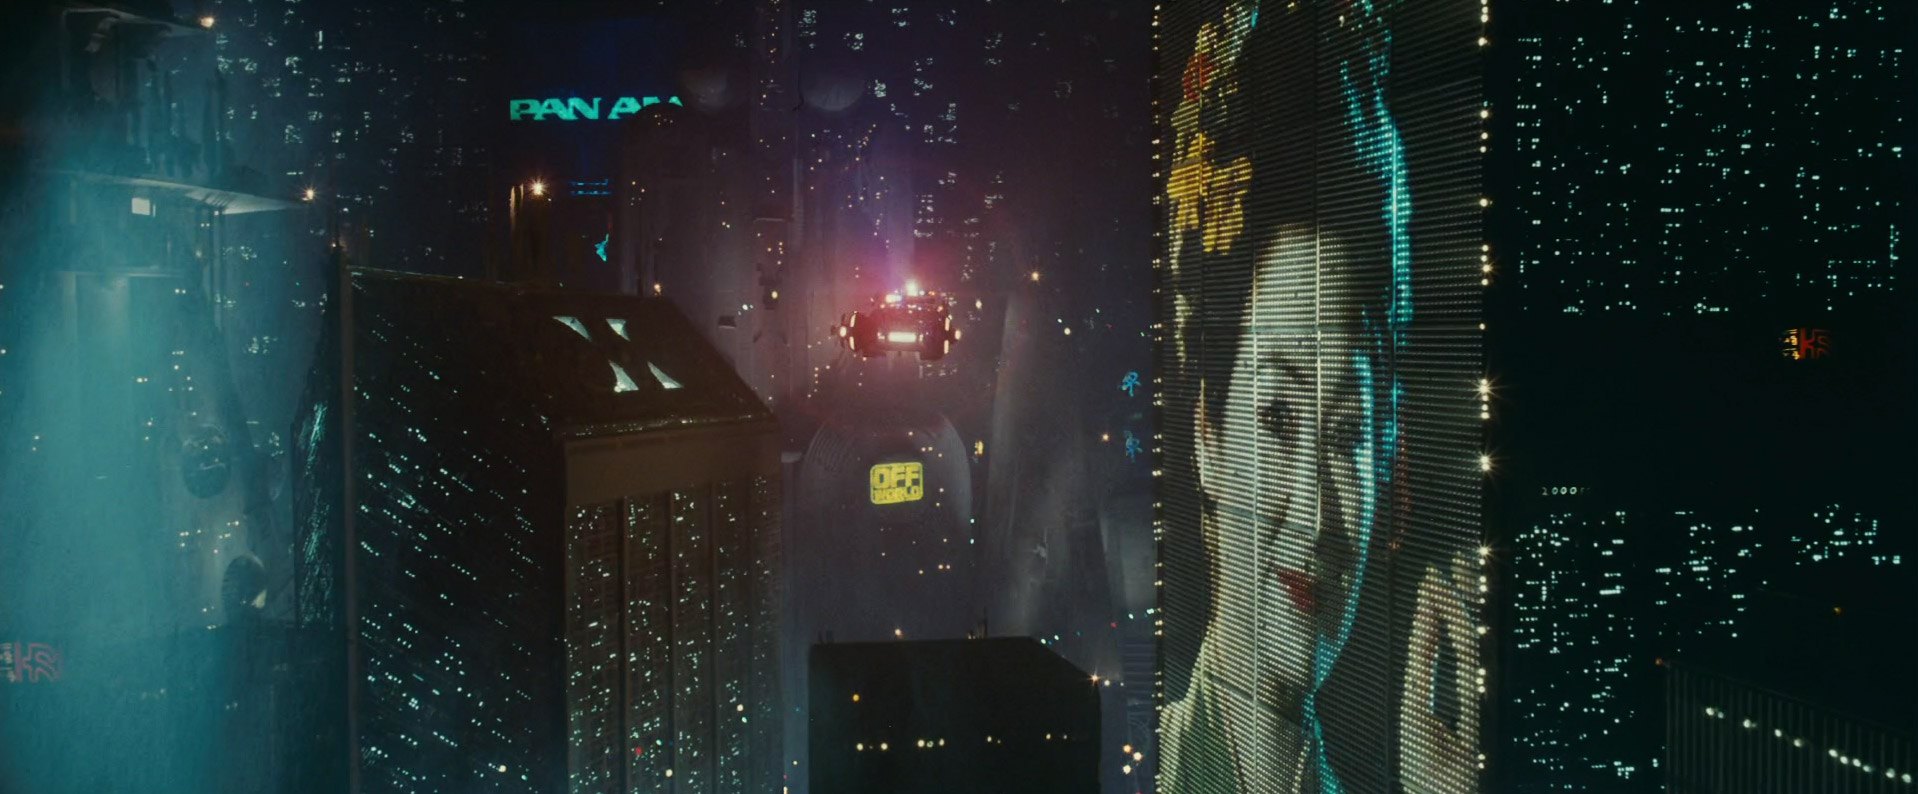 Blade-Runner-007